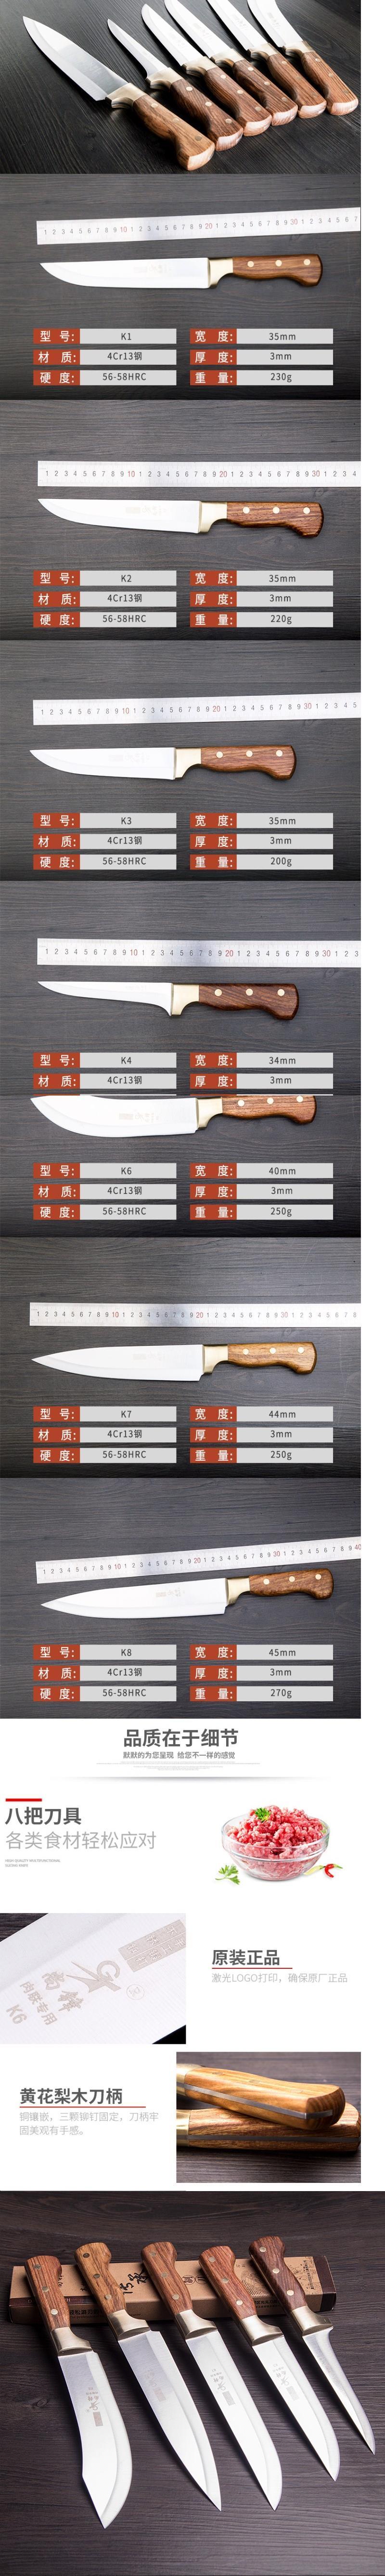 Специальные кухонные ножи / Ножи для сыра Артикул 602338060691